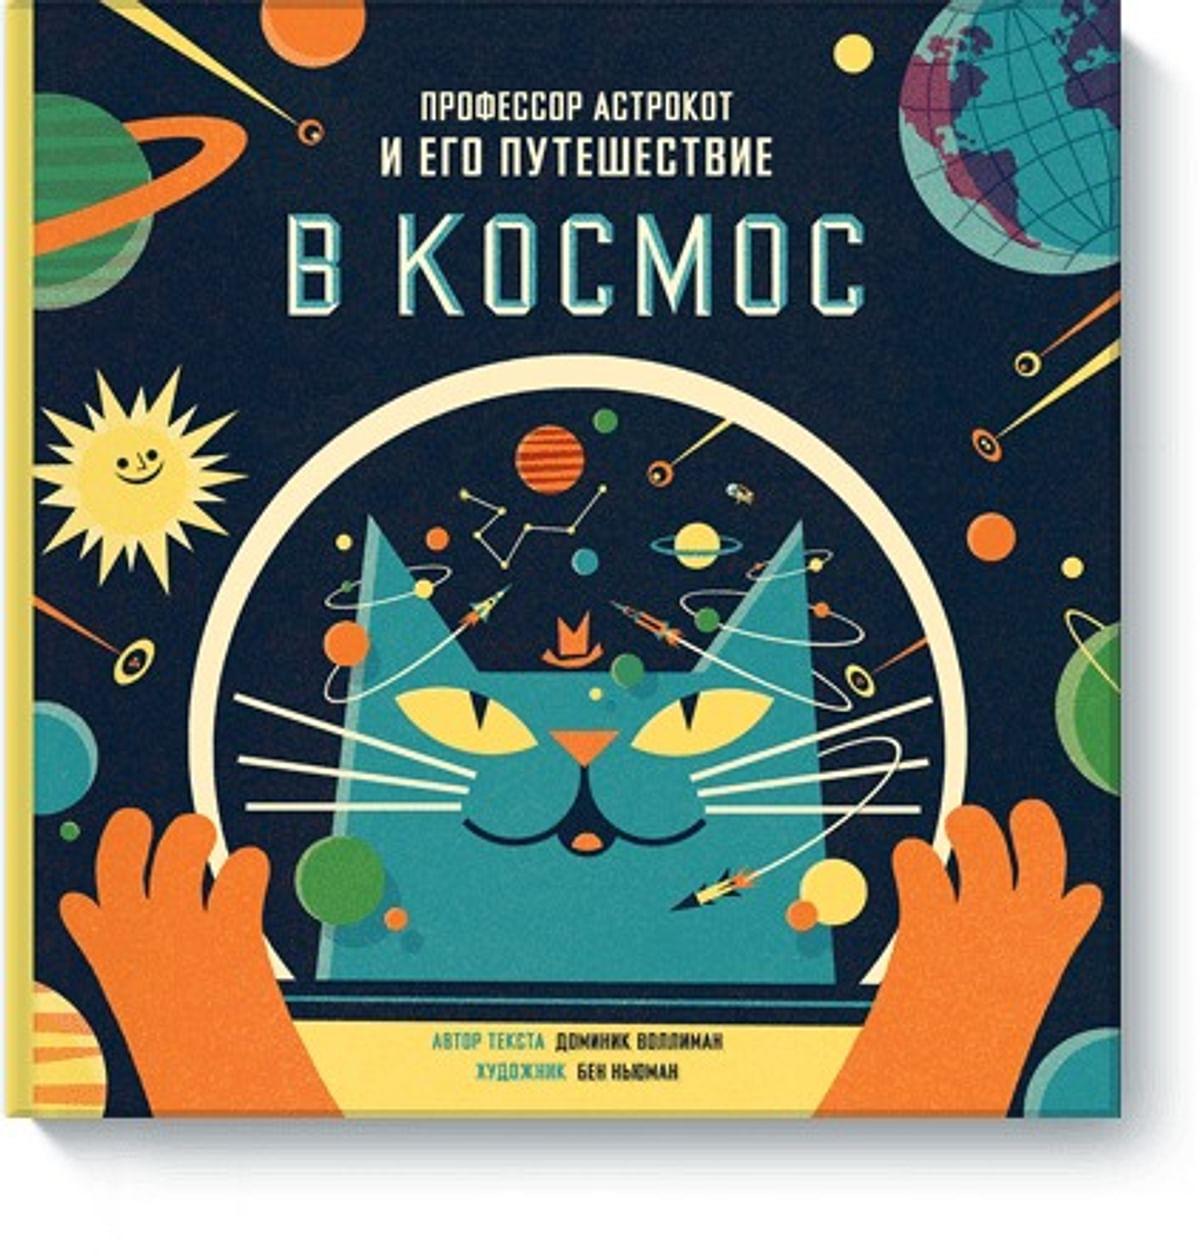 """Книга """"Профессор Астрокот и его путешествие в космос ..."""